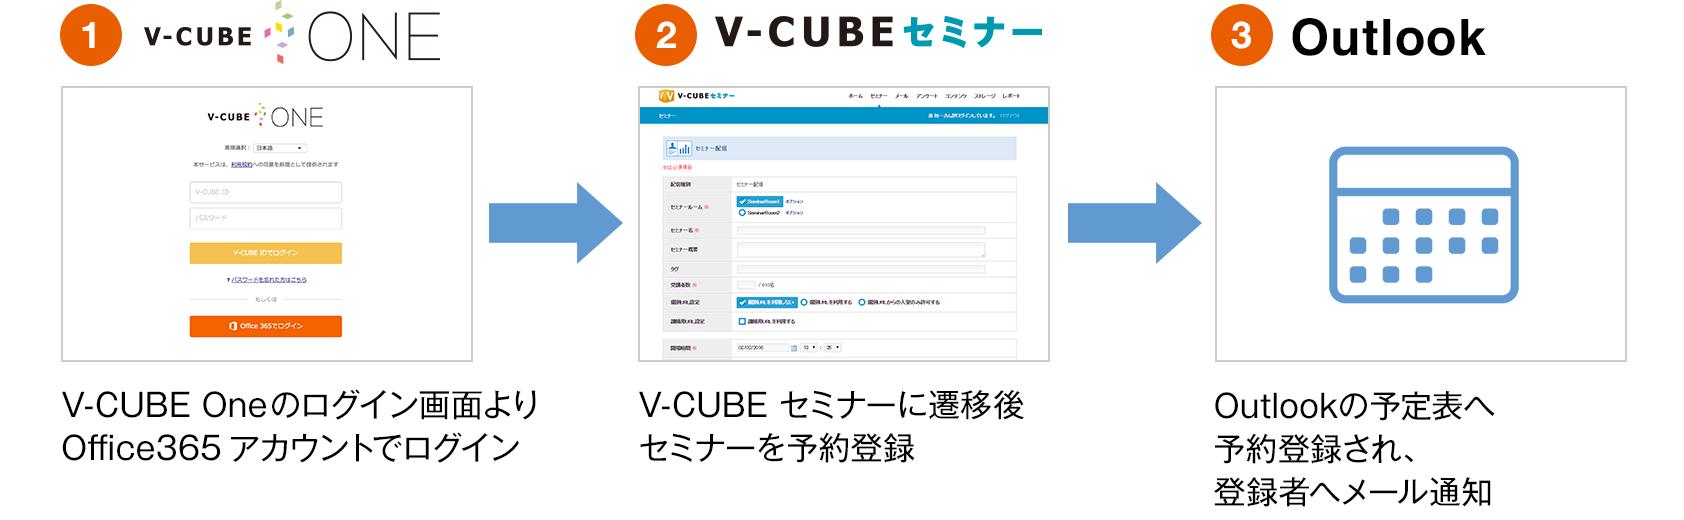 V-CUBE セミナー からOutlook 予定表への予約登録